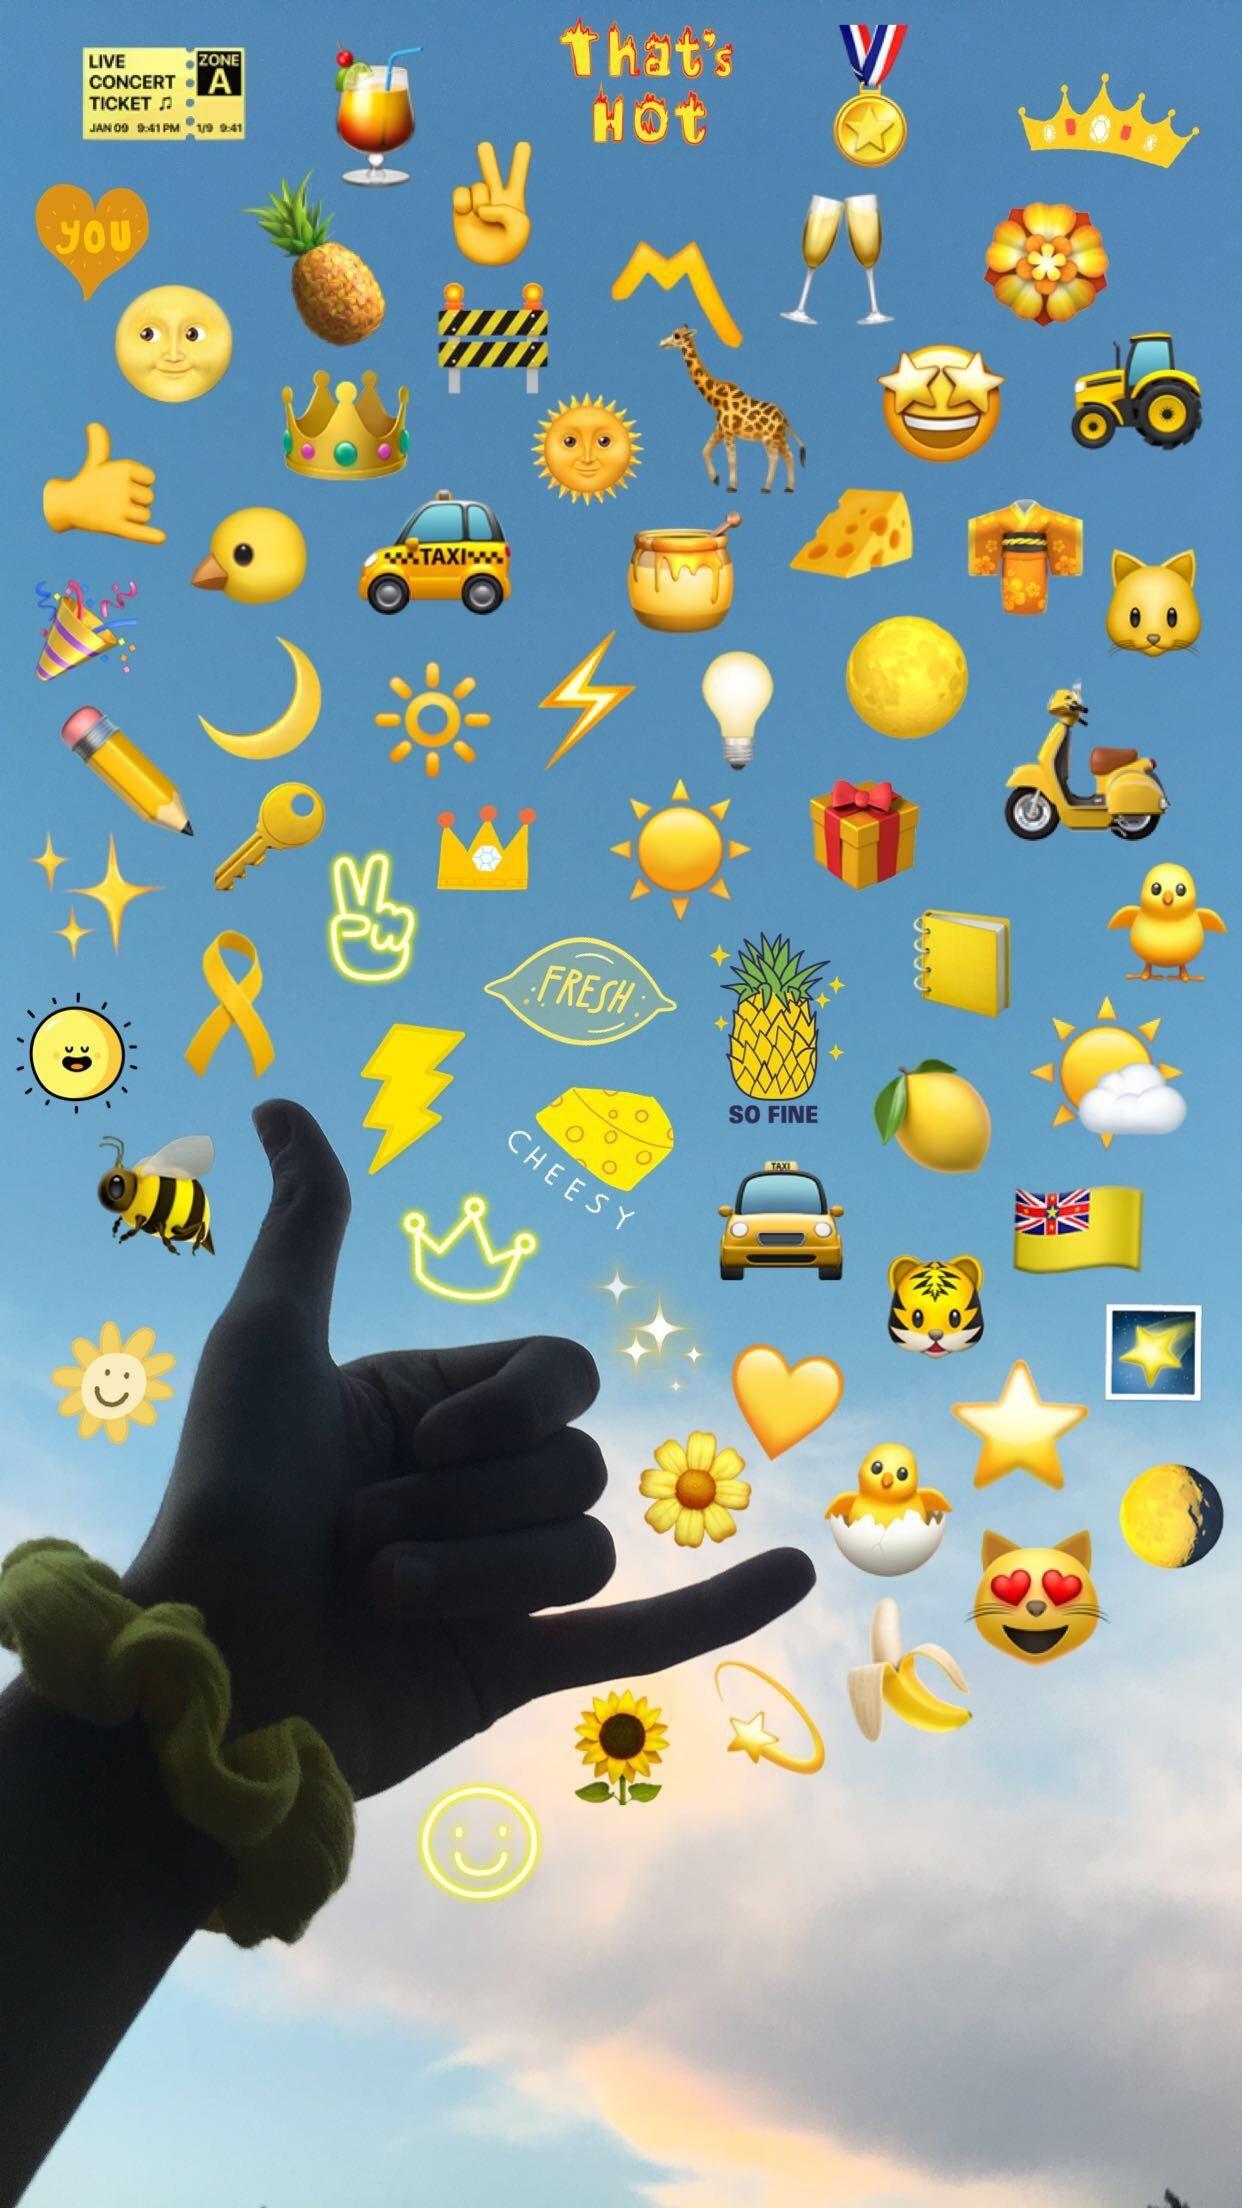 Wallpaper Of Emojis Posted By Samantha Mercado